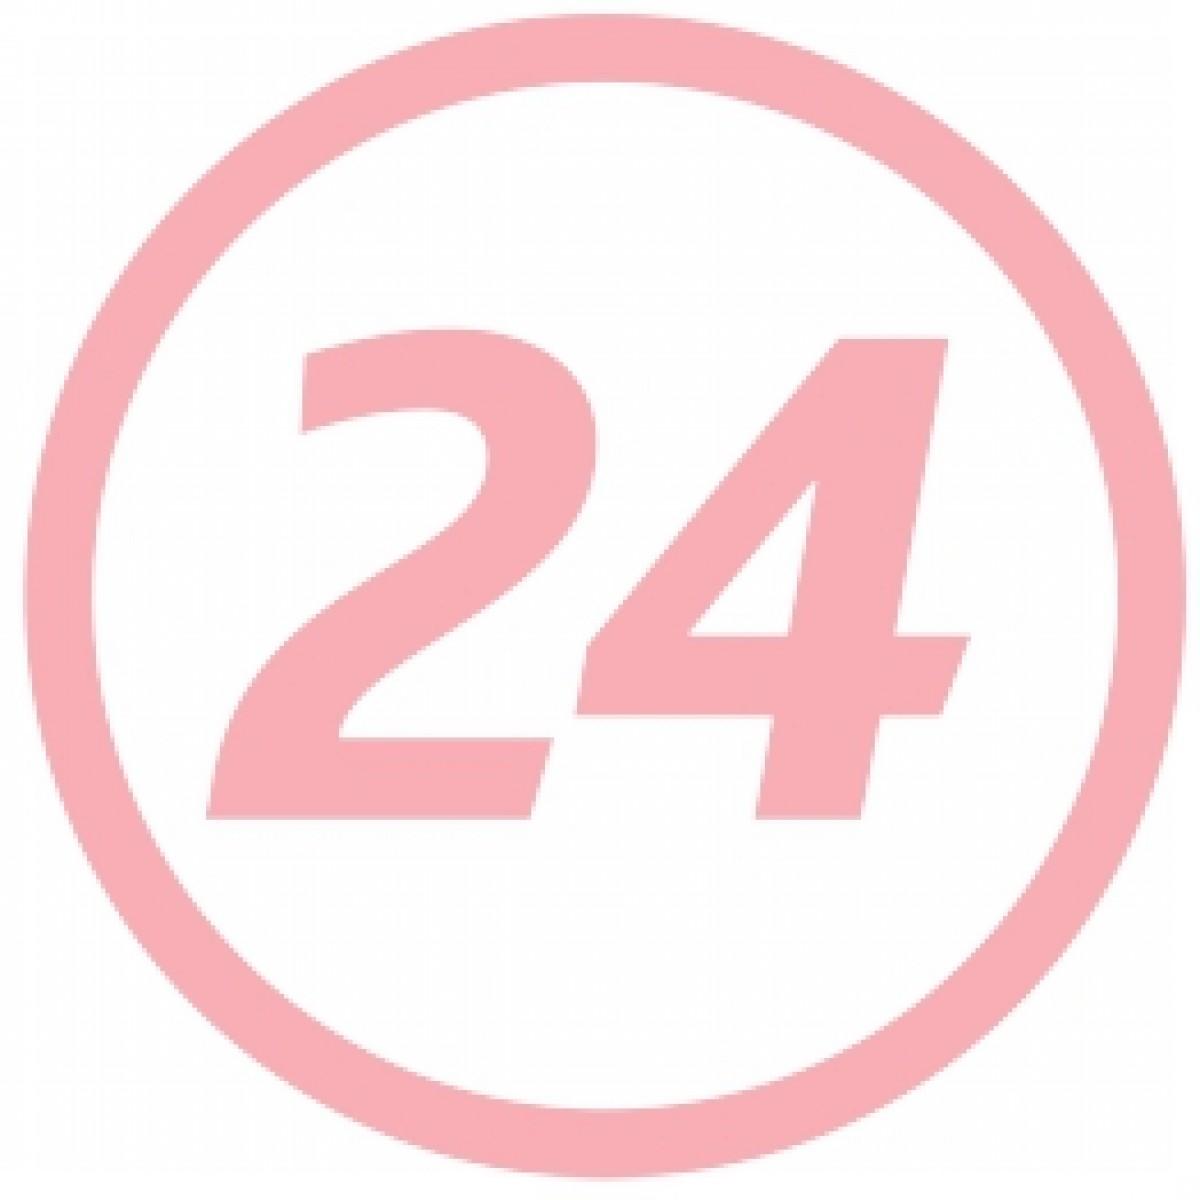 Tommee Tippee Pachet Biberon Anticolici cu Sistem Ventilatie 150ml + Crema Pentru Scutec Liniment 110ml CADOU, Pachet, 1buc